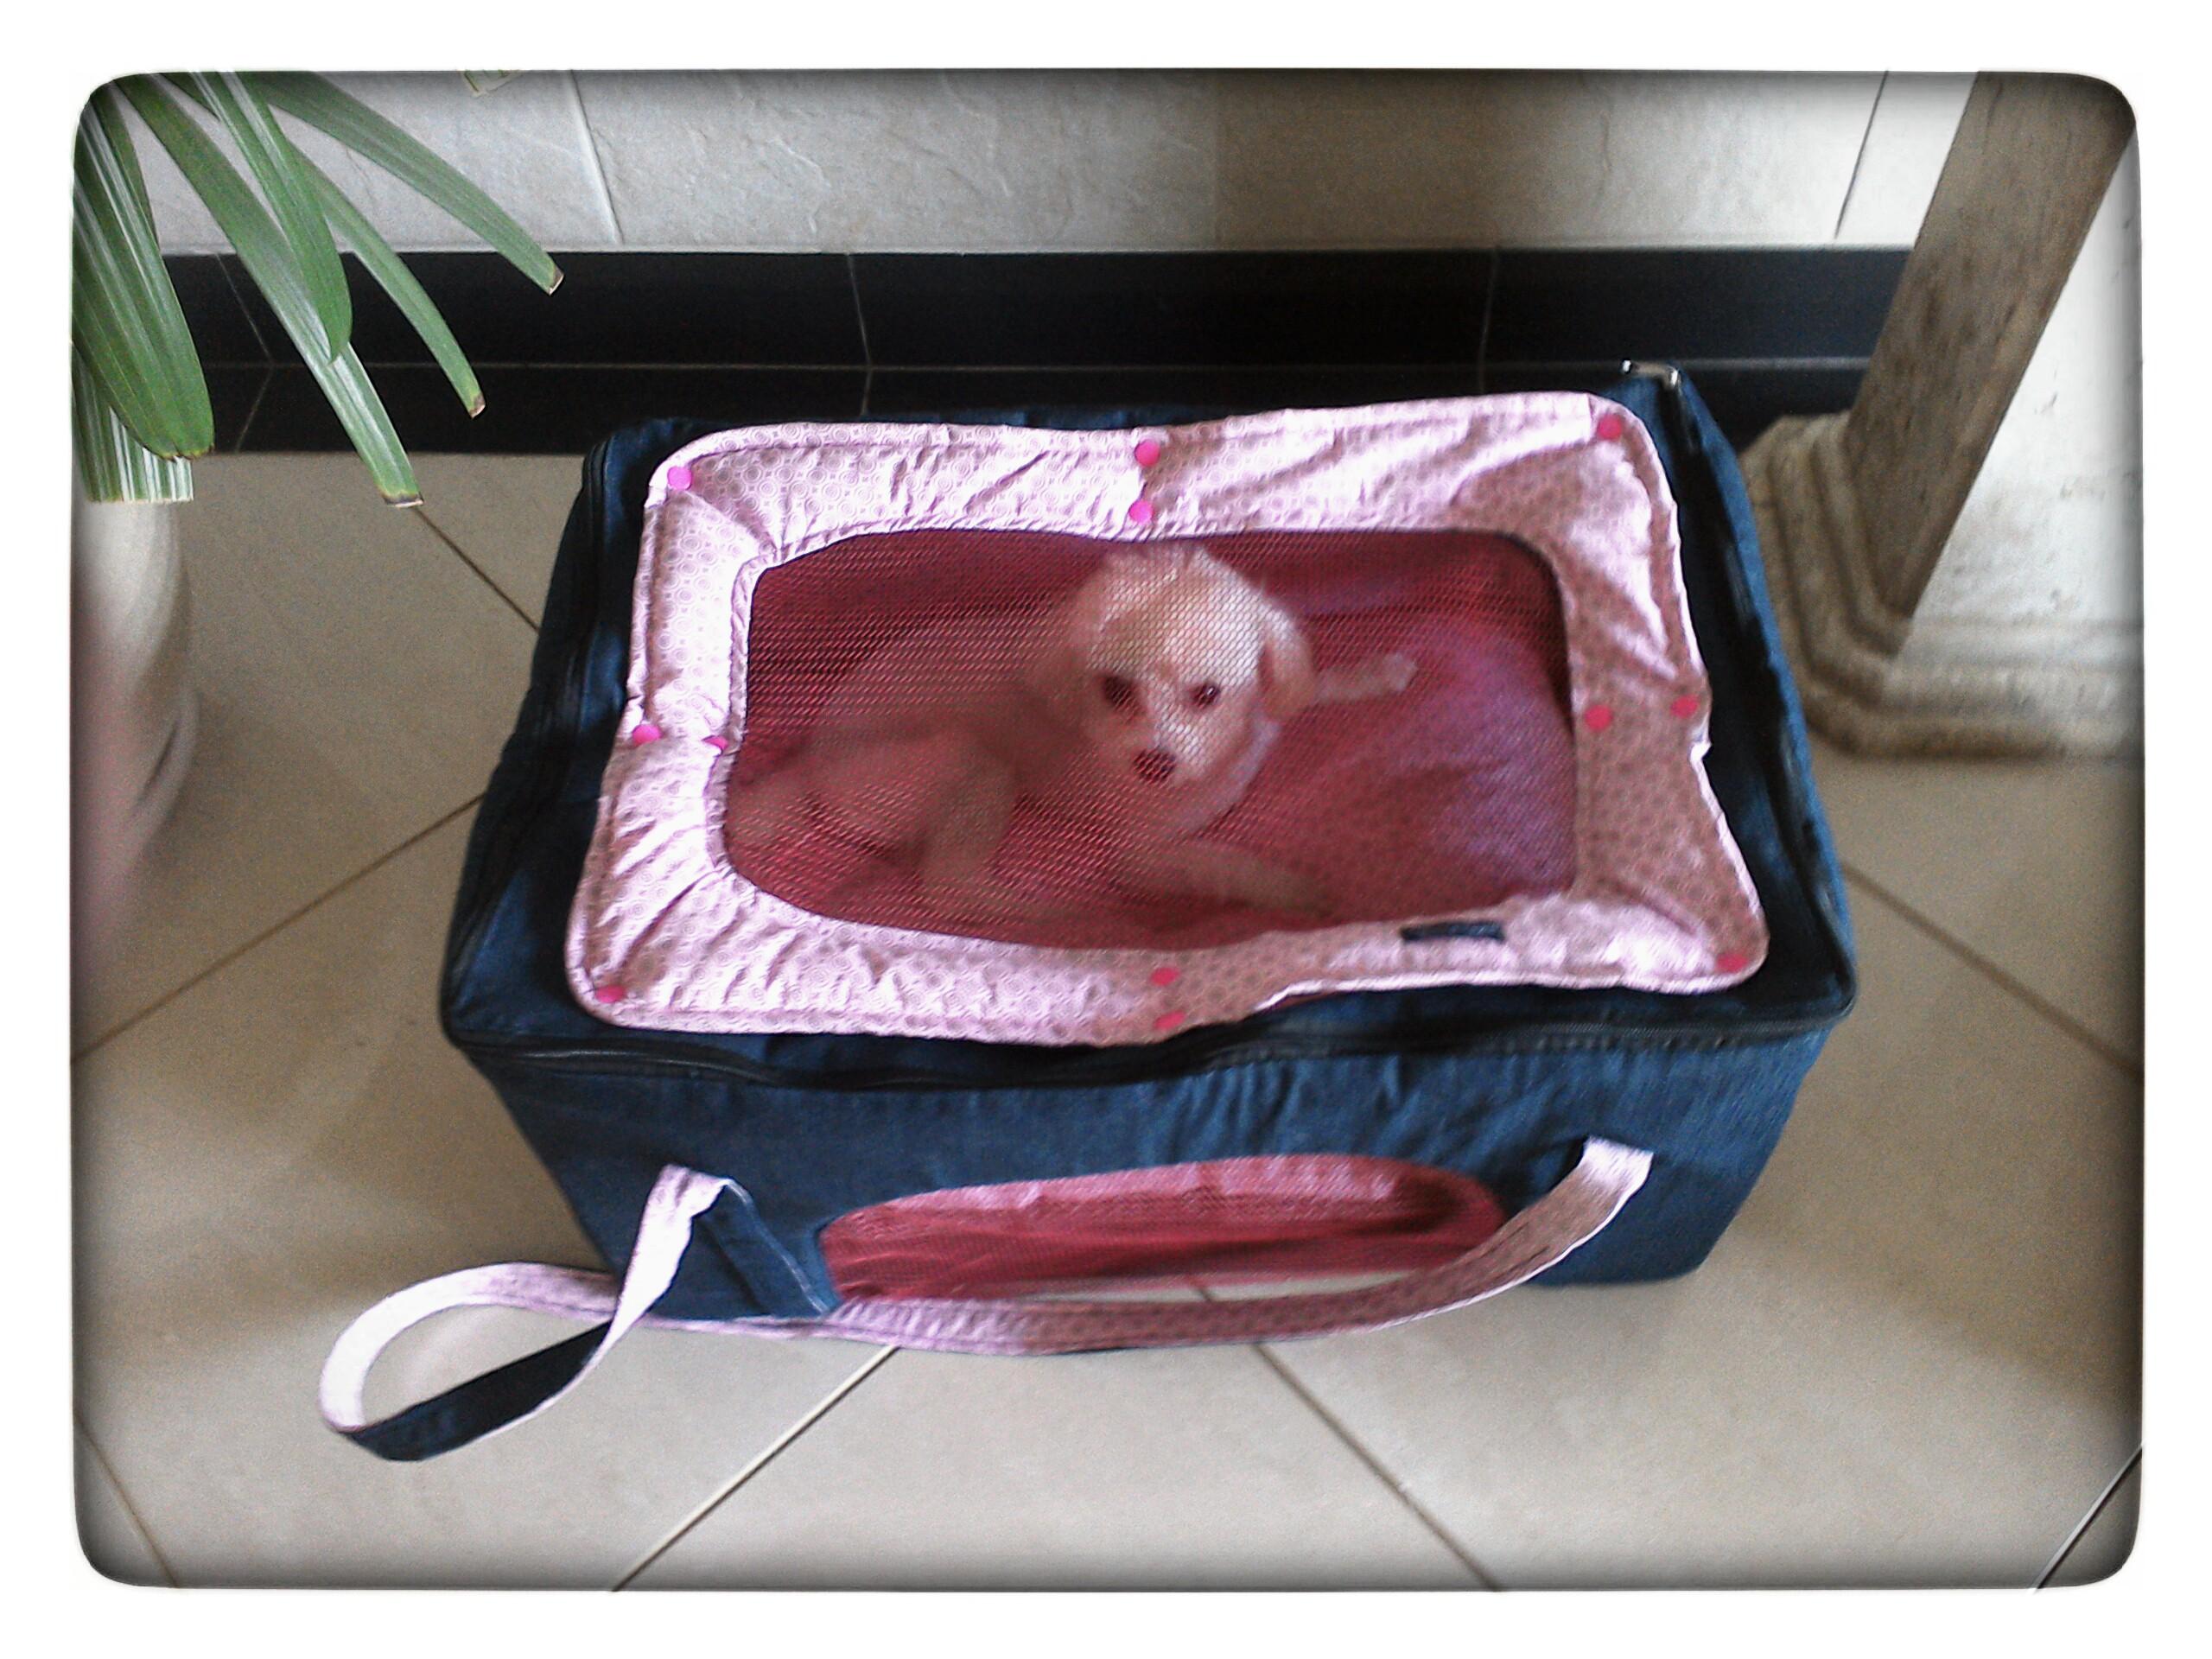 Bolsa de transporte aereo para caes : Bolsa pet para transporte a?reo xiqu? elo